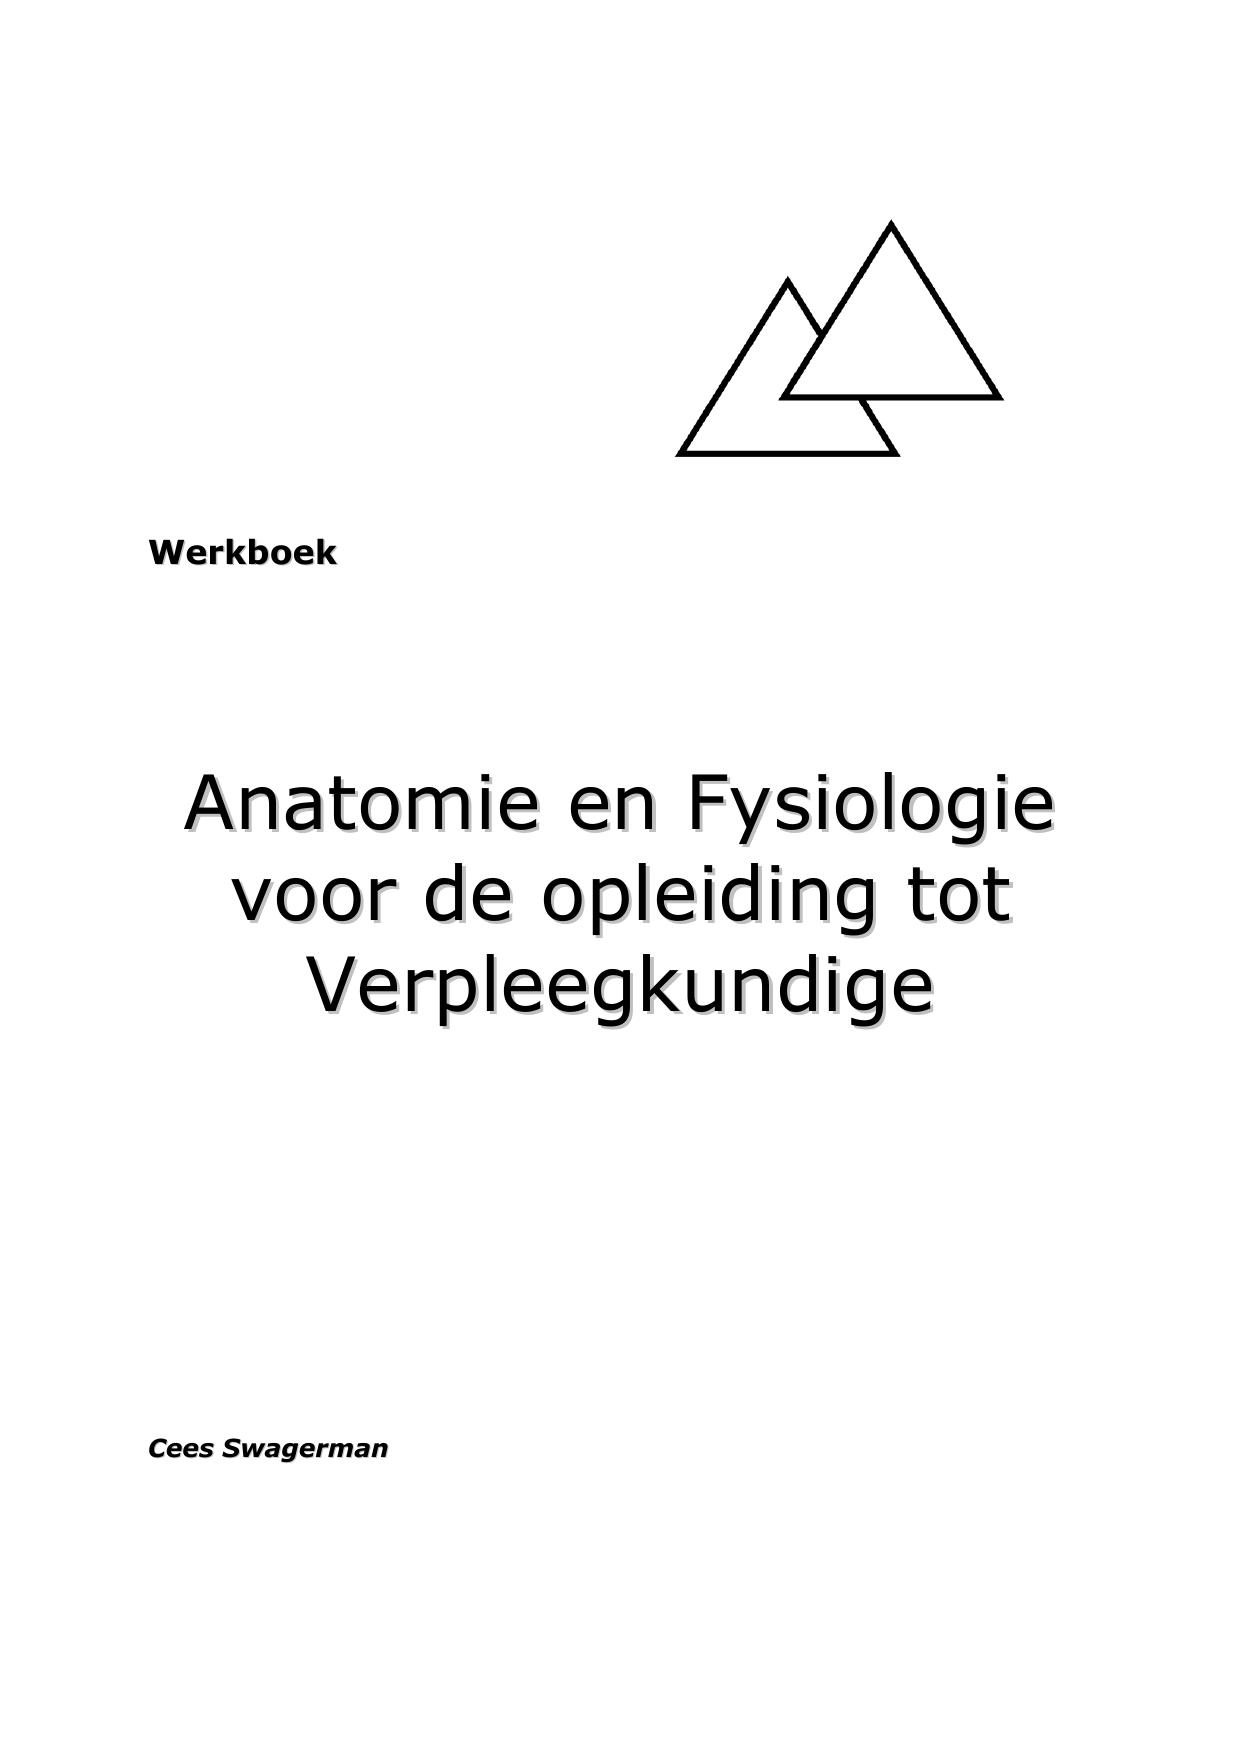 Anatomie voor Verpleegkundigen